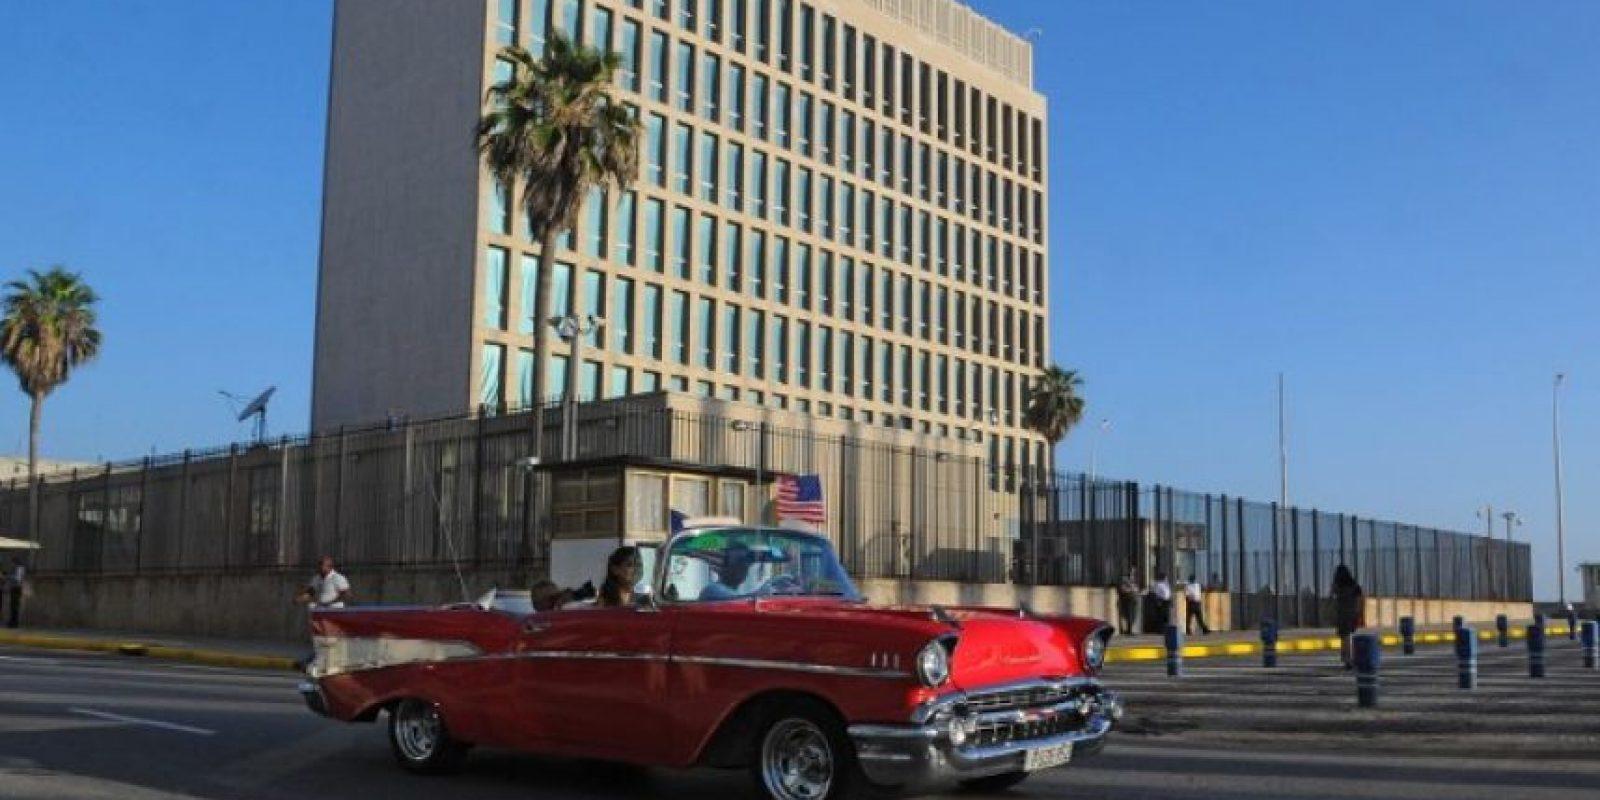 La Embajada de los Estados Unidos cerró en 1961 cuando ambos países rompieron relaciones diplomáticas. Foto:AFP